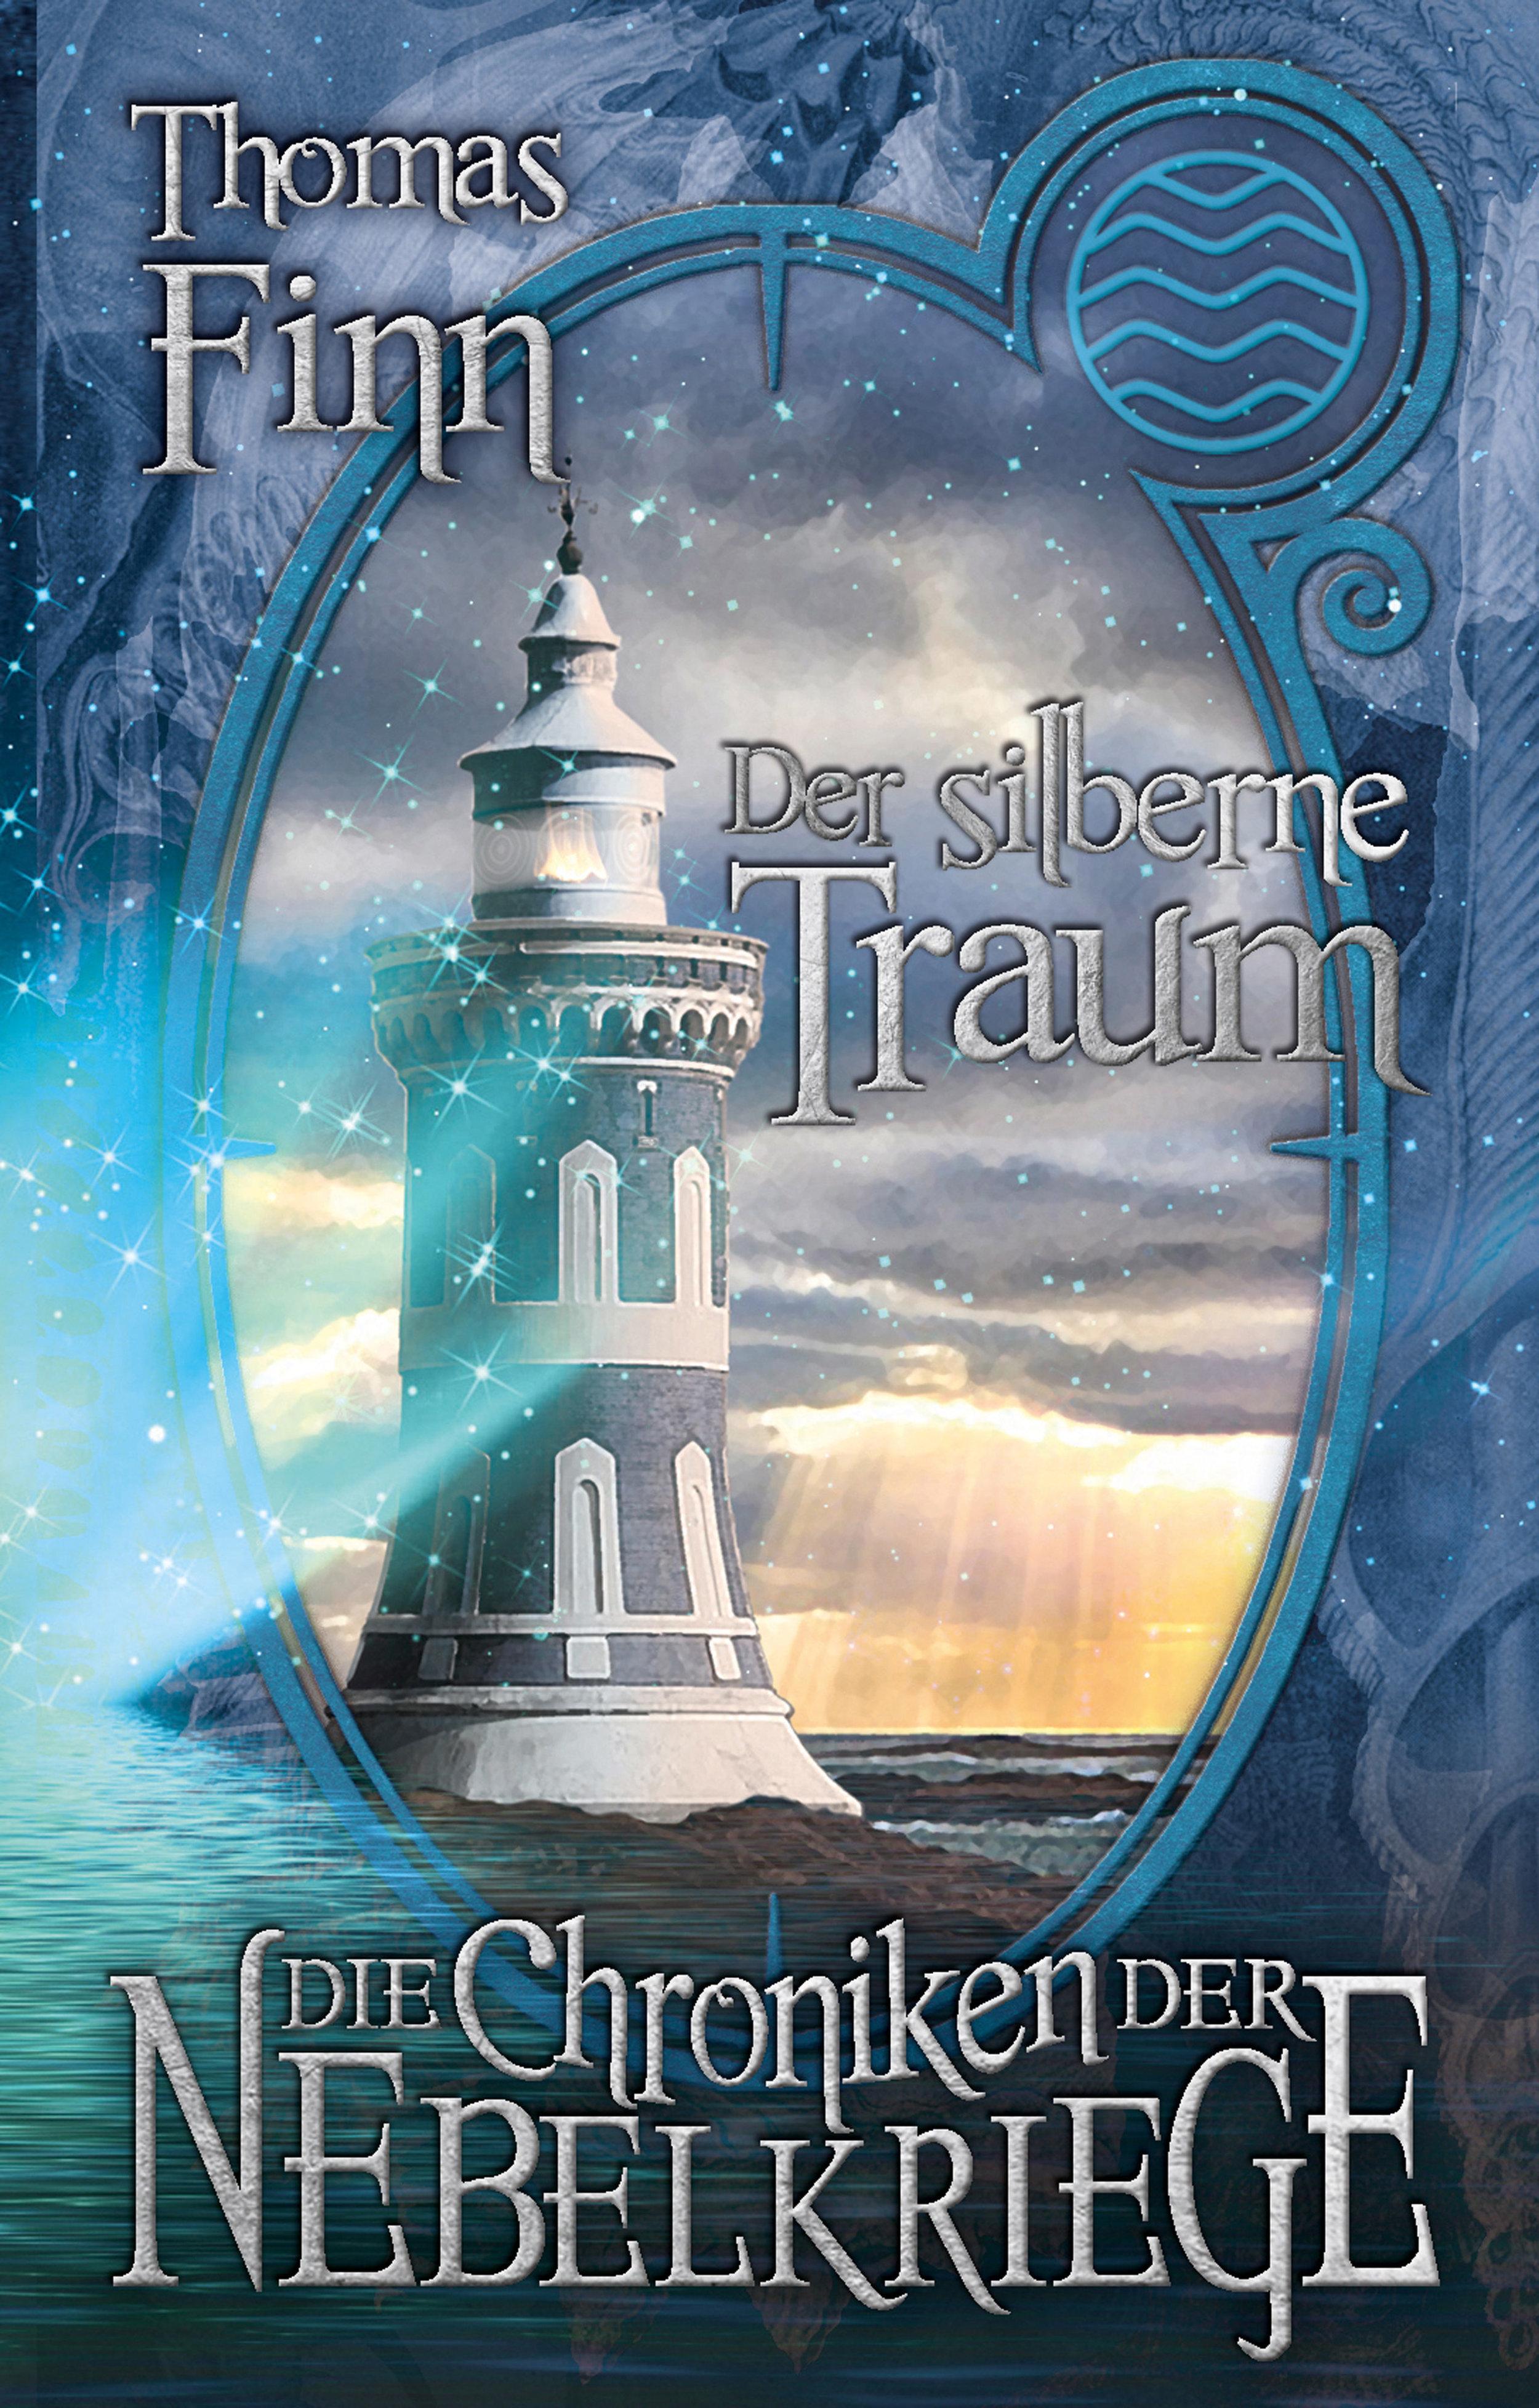 Die-Chroniken-der-Nebelkriege-Der-silberne-Traum_Thomas-Finn.jpg